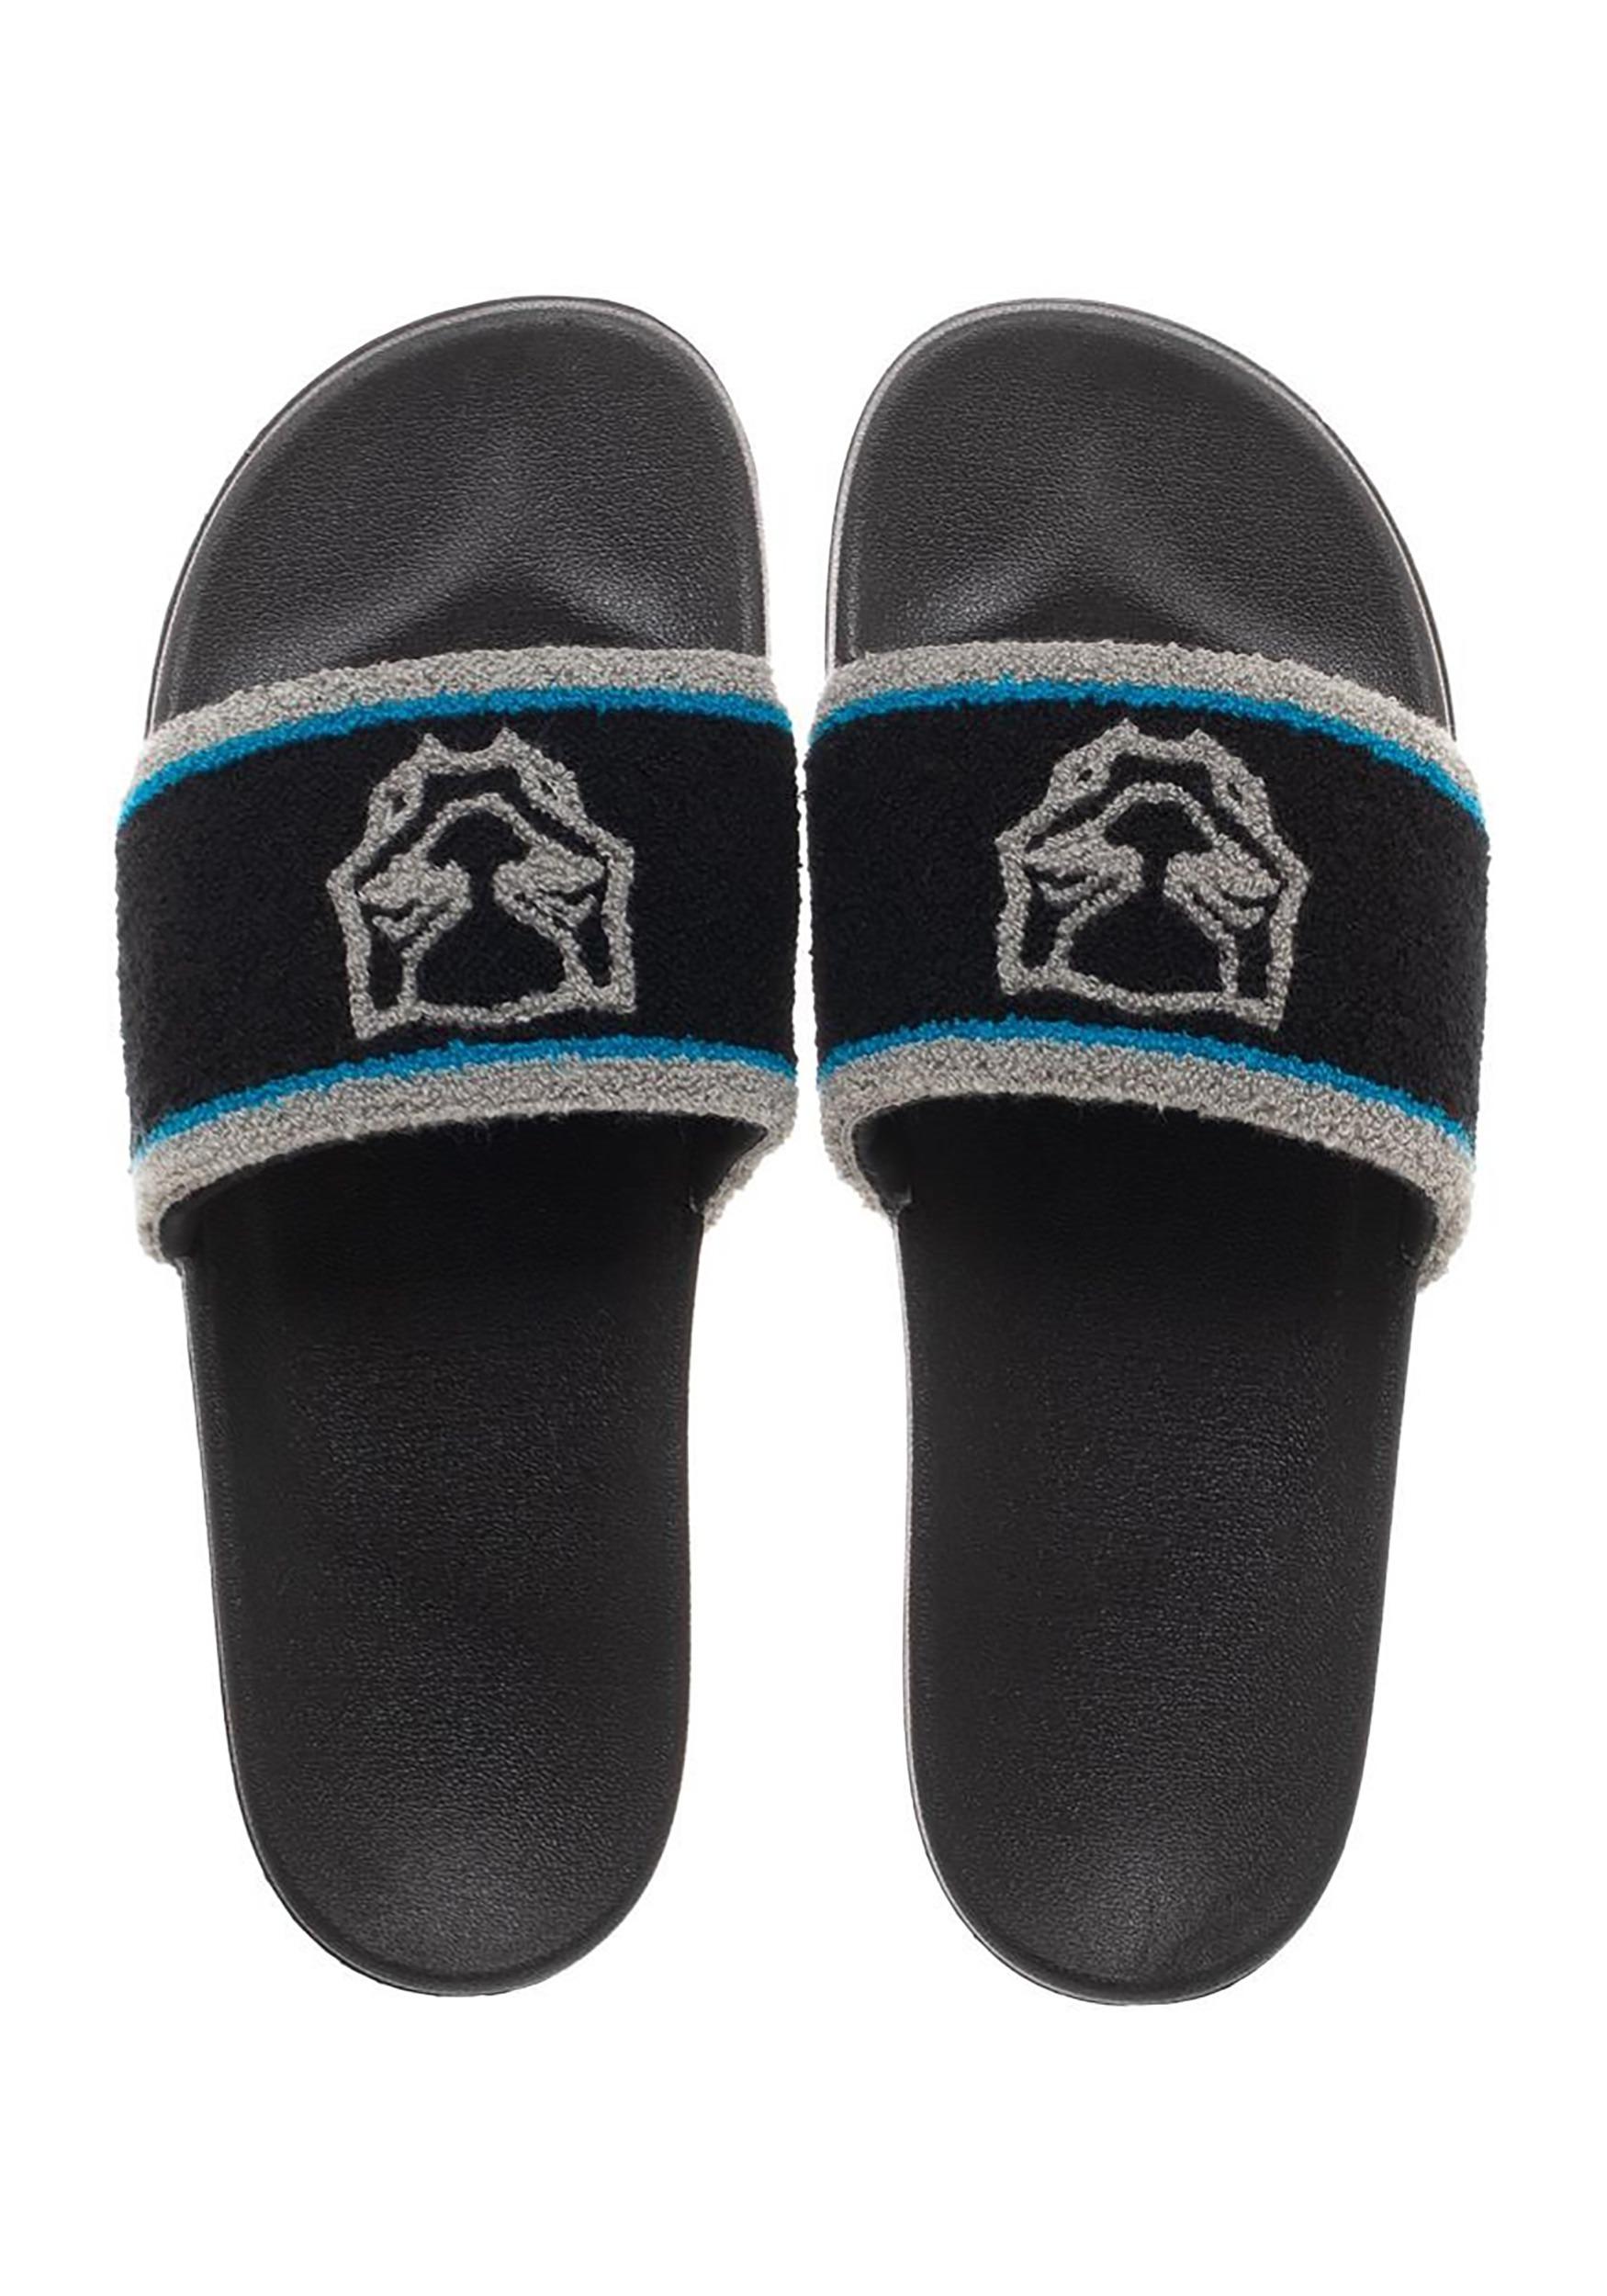 Adult Black Panther Retro Slide Sandals